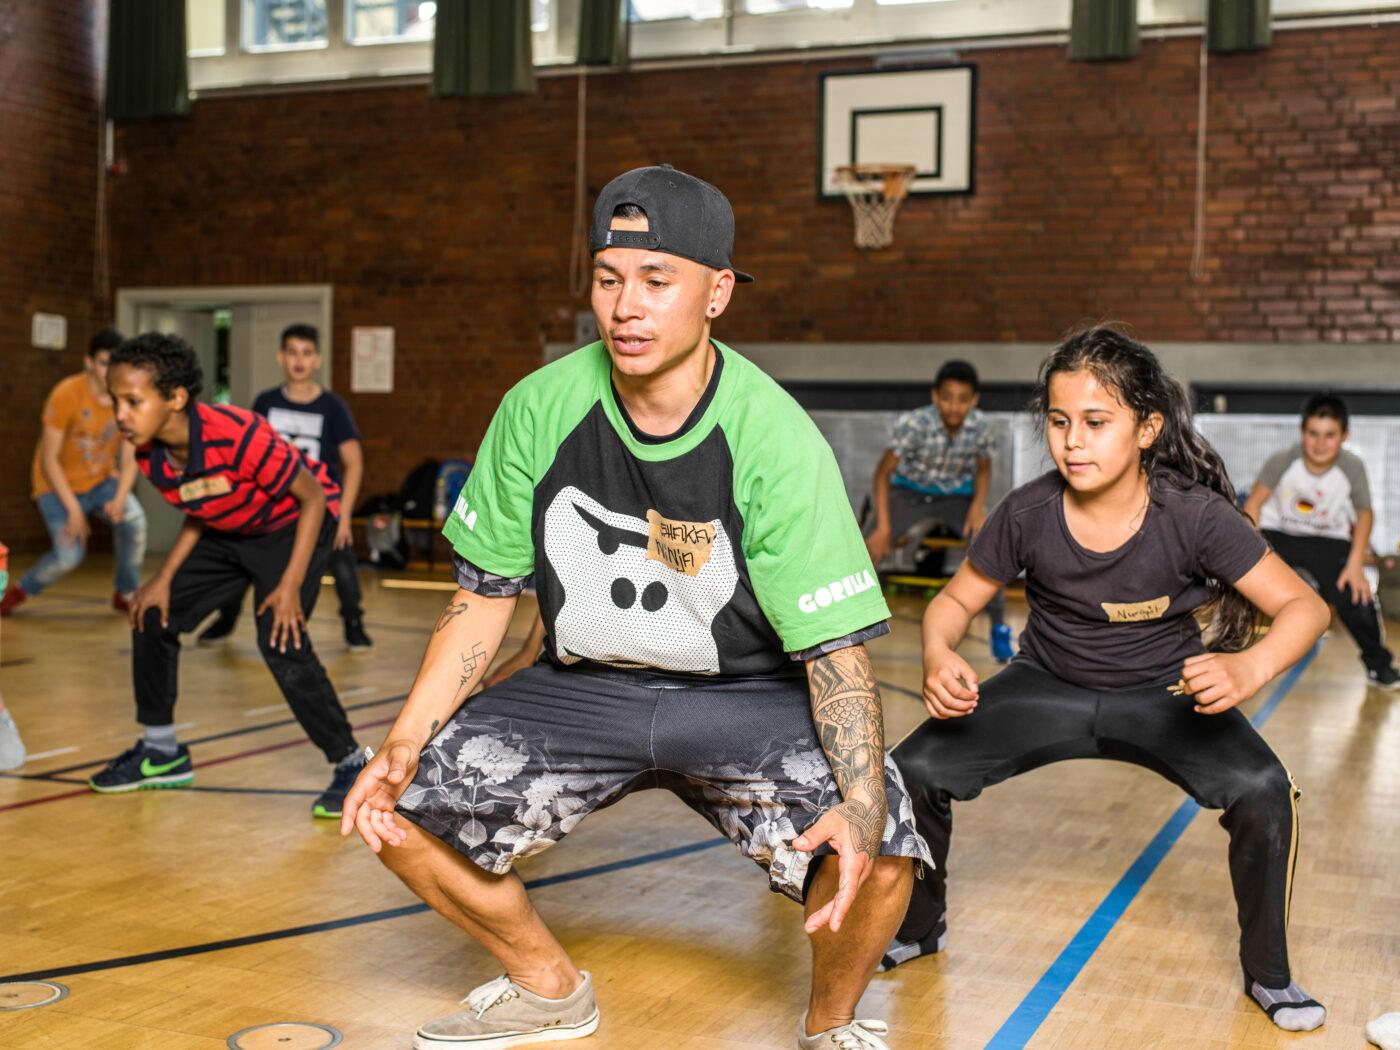 Ein GORILLA Botschafter zeigt einem Maedchen wie man Breakdancen kann im Rahmen eines GORILLA Workshops.